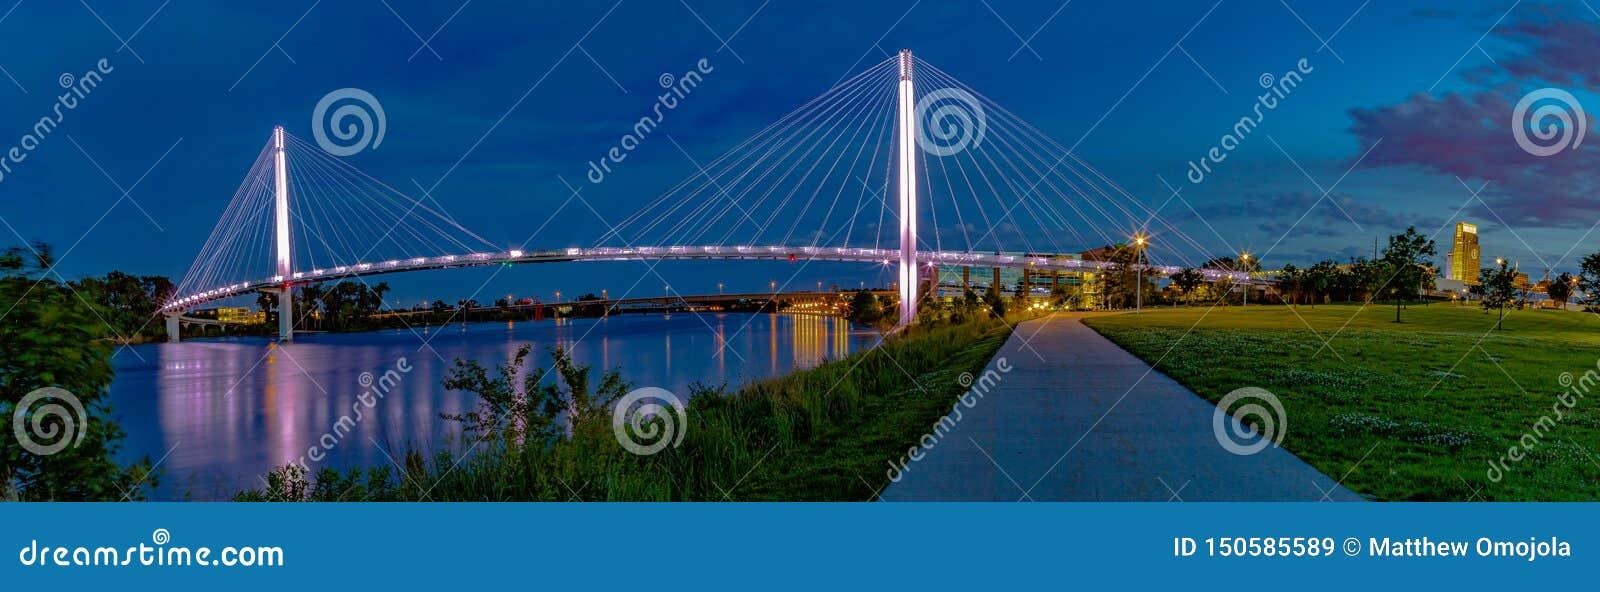 Scène de nuit de vue panoramique de pont piétonnier Omaha de Bob Kerrey